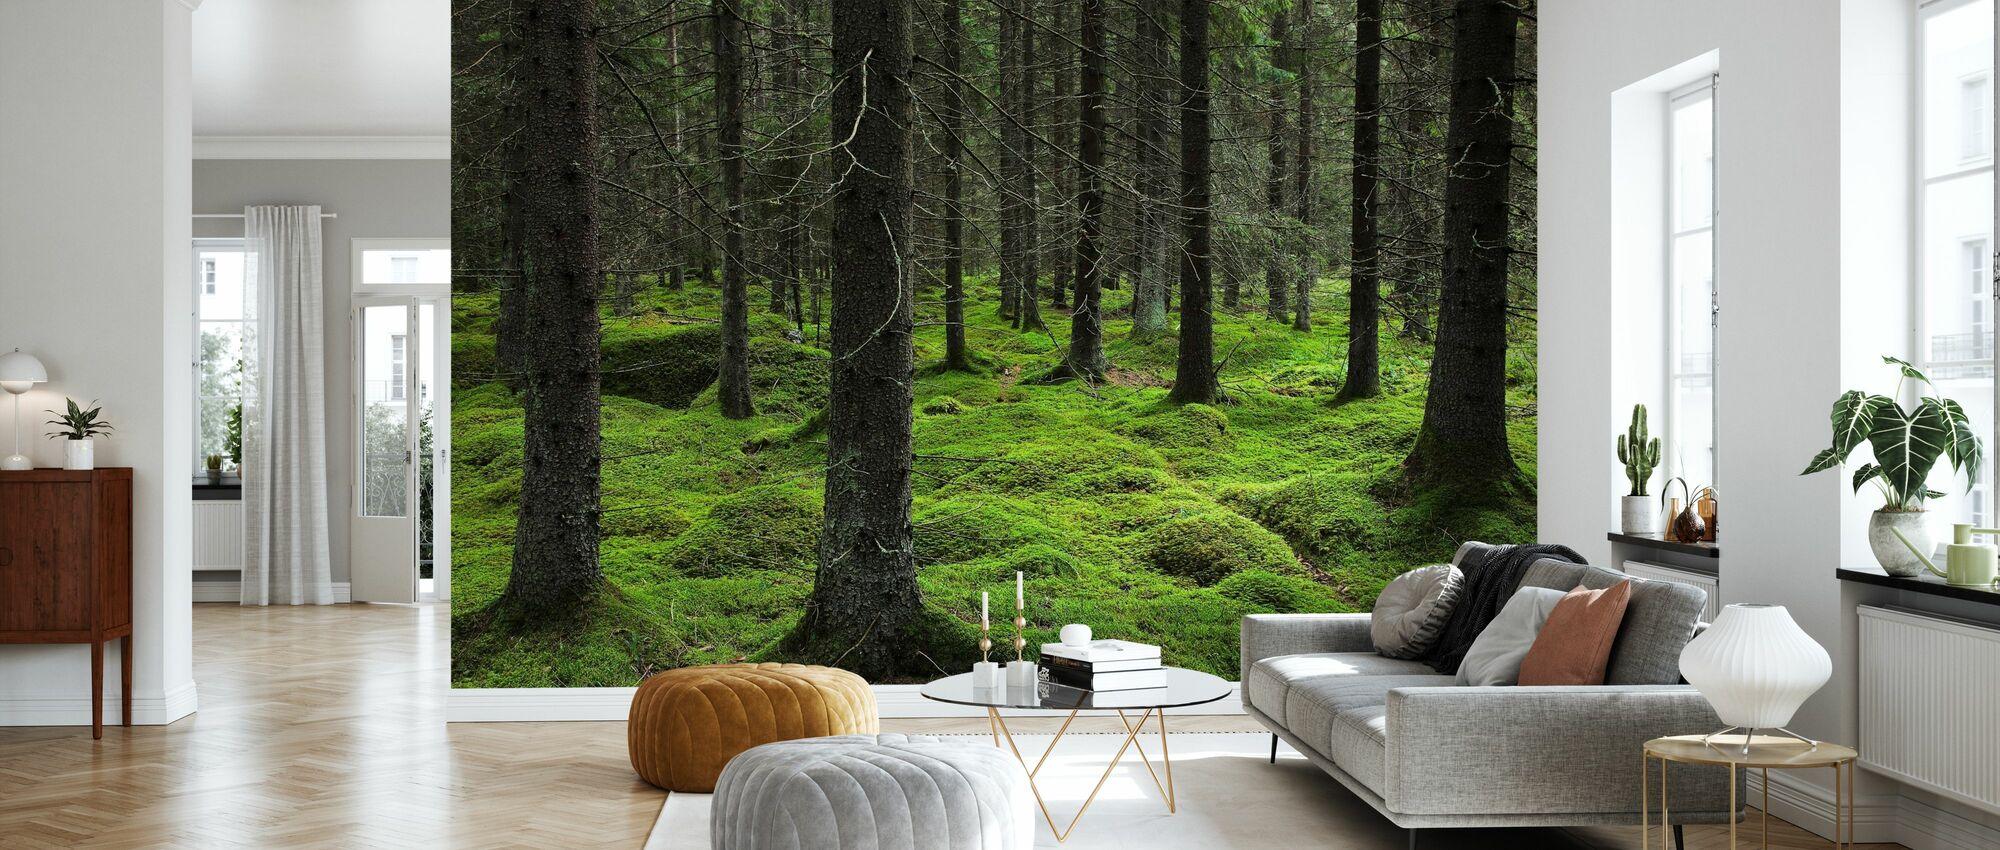 Troll Forest - Wallpaper - Living Room